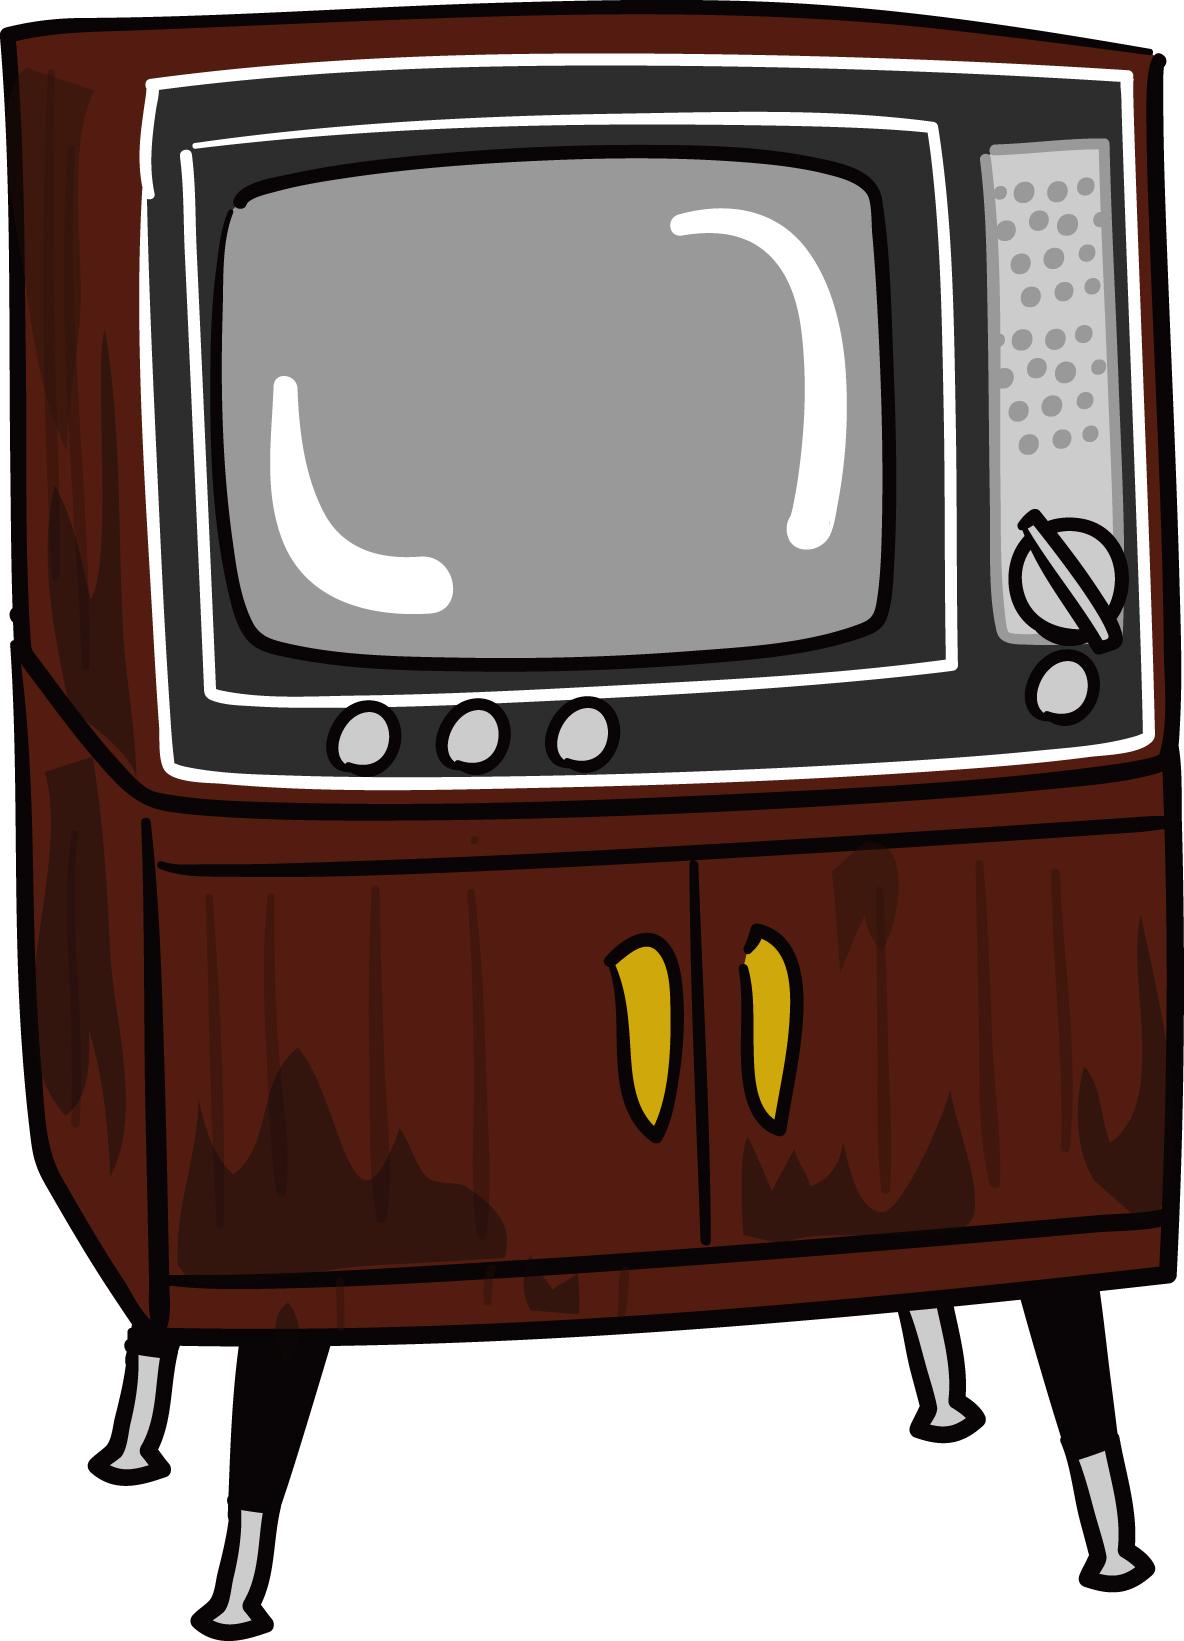 素材「レトロなテレビ」ダウンロード|かわいい無料イラスト 印刷素材